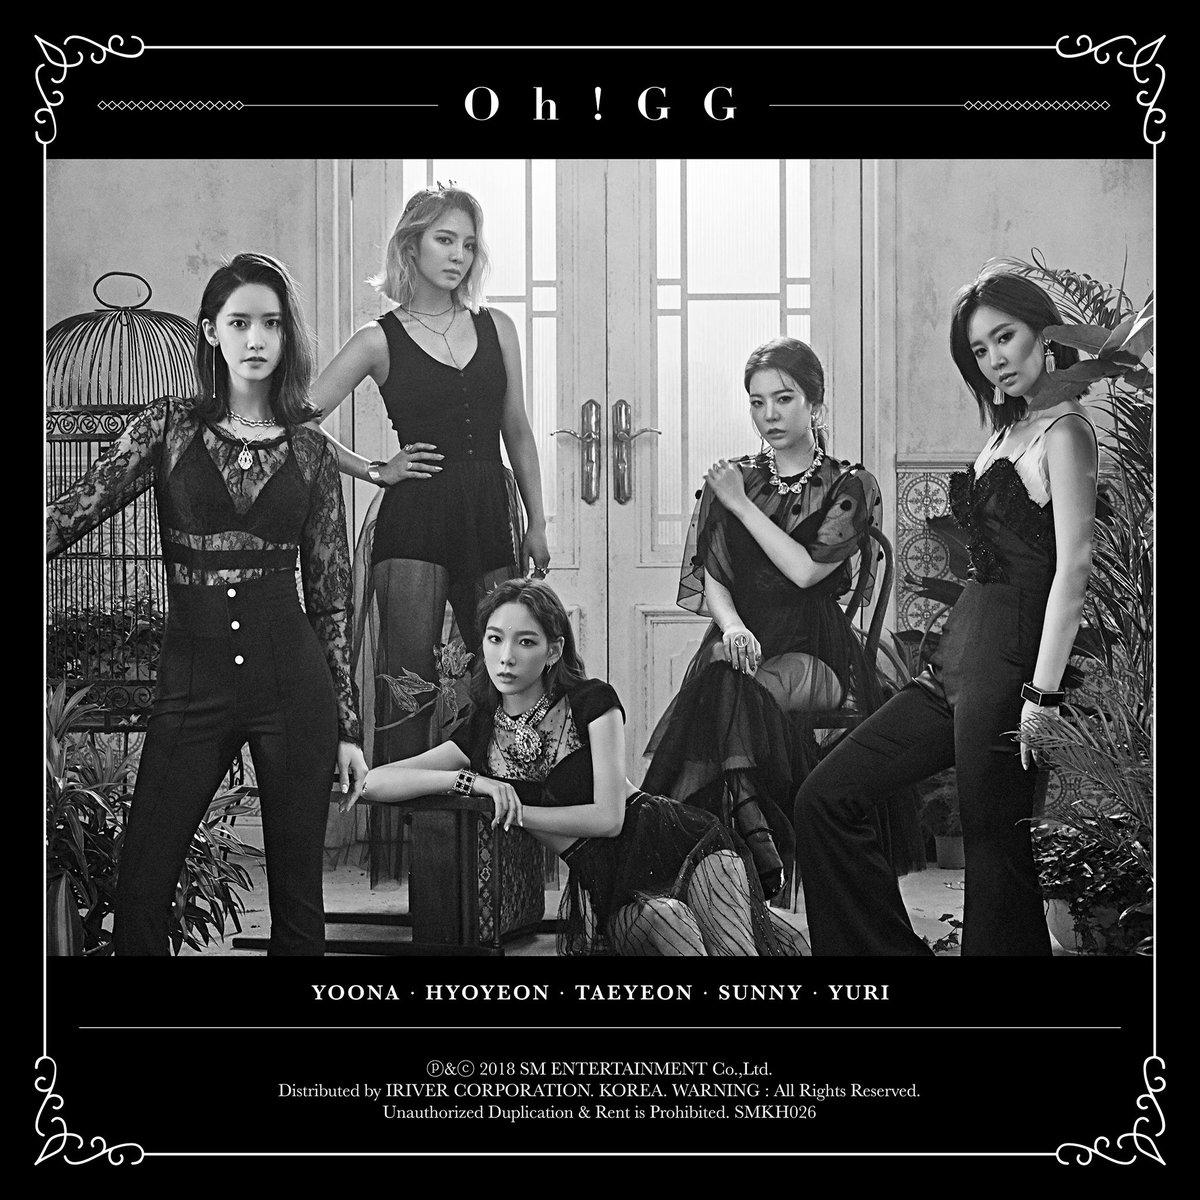 소녀시대-Oh!GG '몰랐니 (Lil' Touch)'  🎧2018.09.05. 6PM (KST)  #GirlsGeneration_Oh_GG #소녀시대_Oh_GG #Oh_GG #GirlsGeneration #소녀시대 #몰랐니  #LilTouch